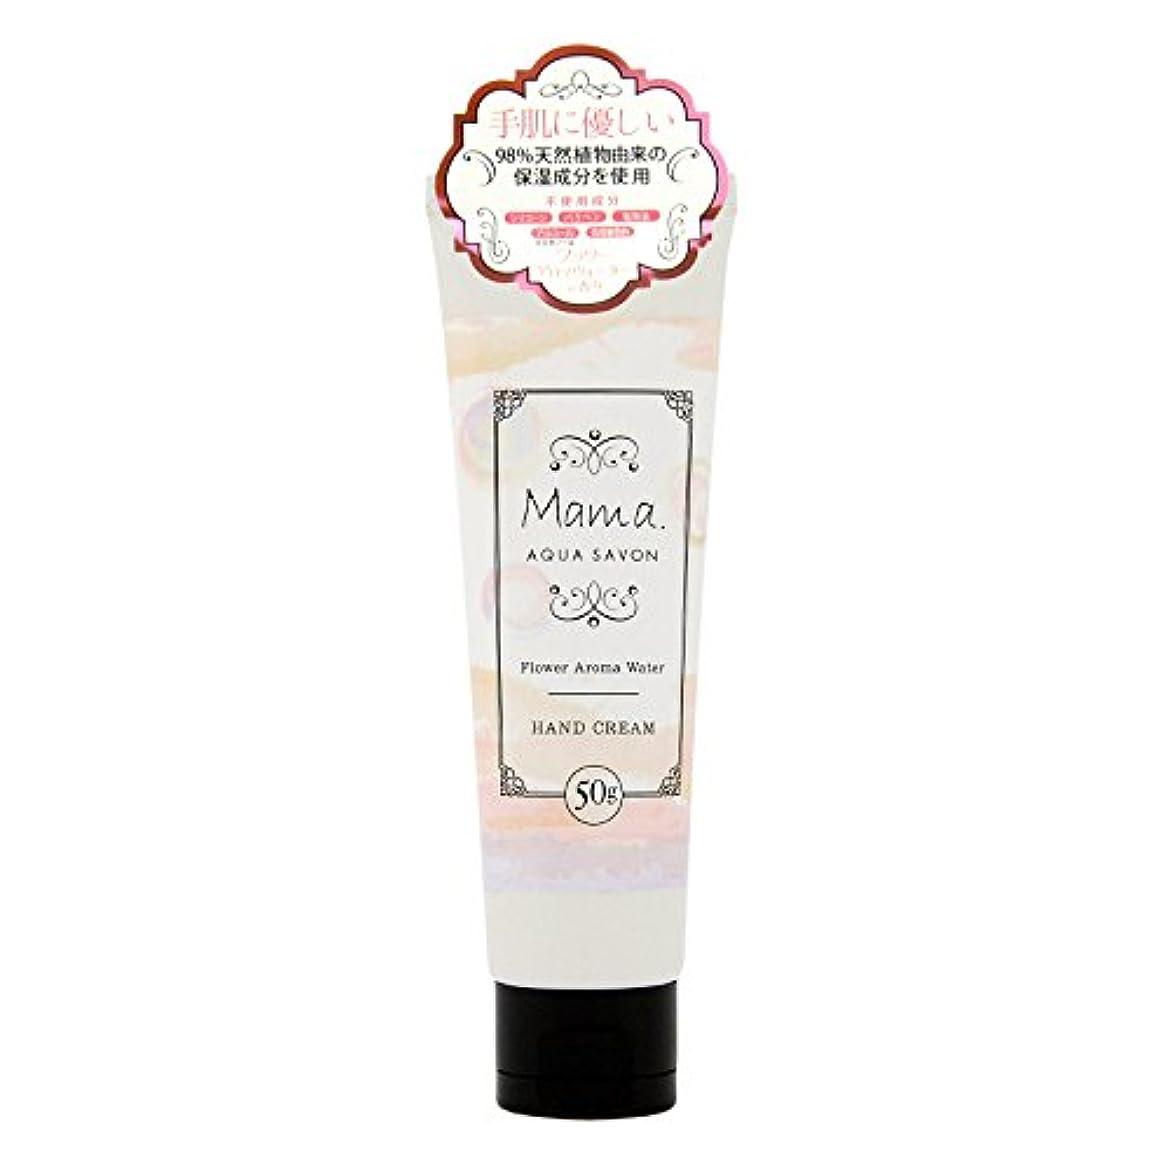 保有者アレルギー性やけどママ アクアシャボン ハンドクリーム フラワーアロマウォーターの香り 50g